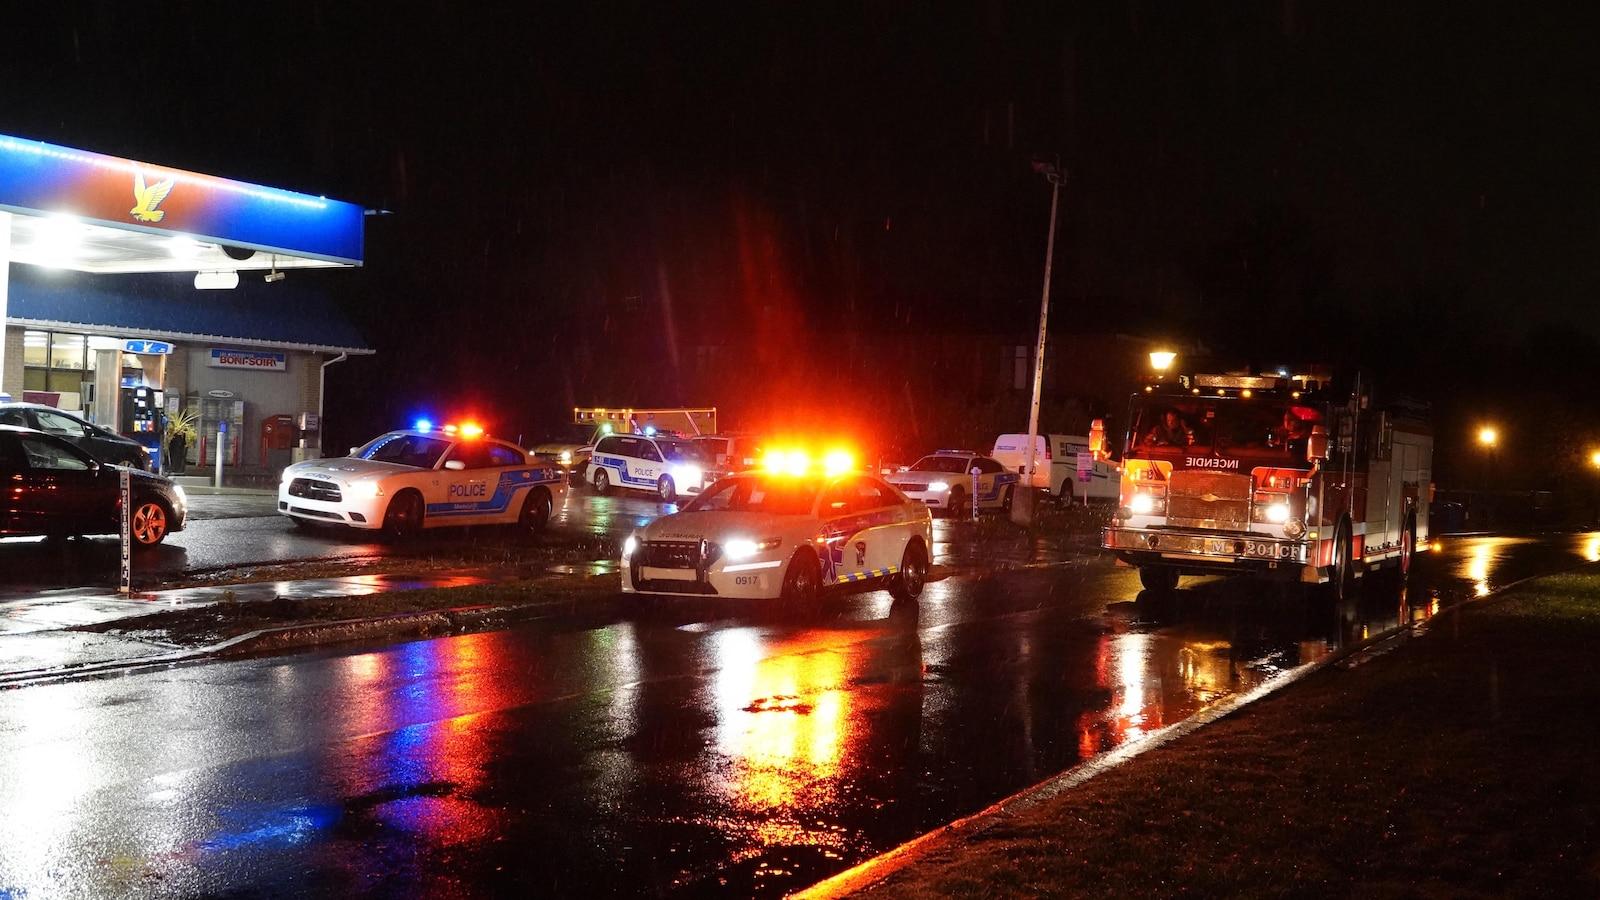 Des véhicules de police et de pompier sont stationnés, gyrophares allumés, près d'une station-service.